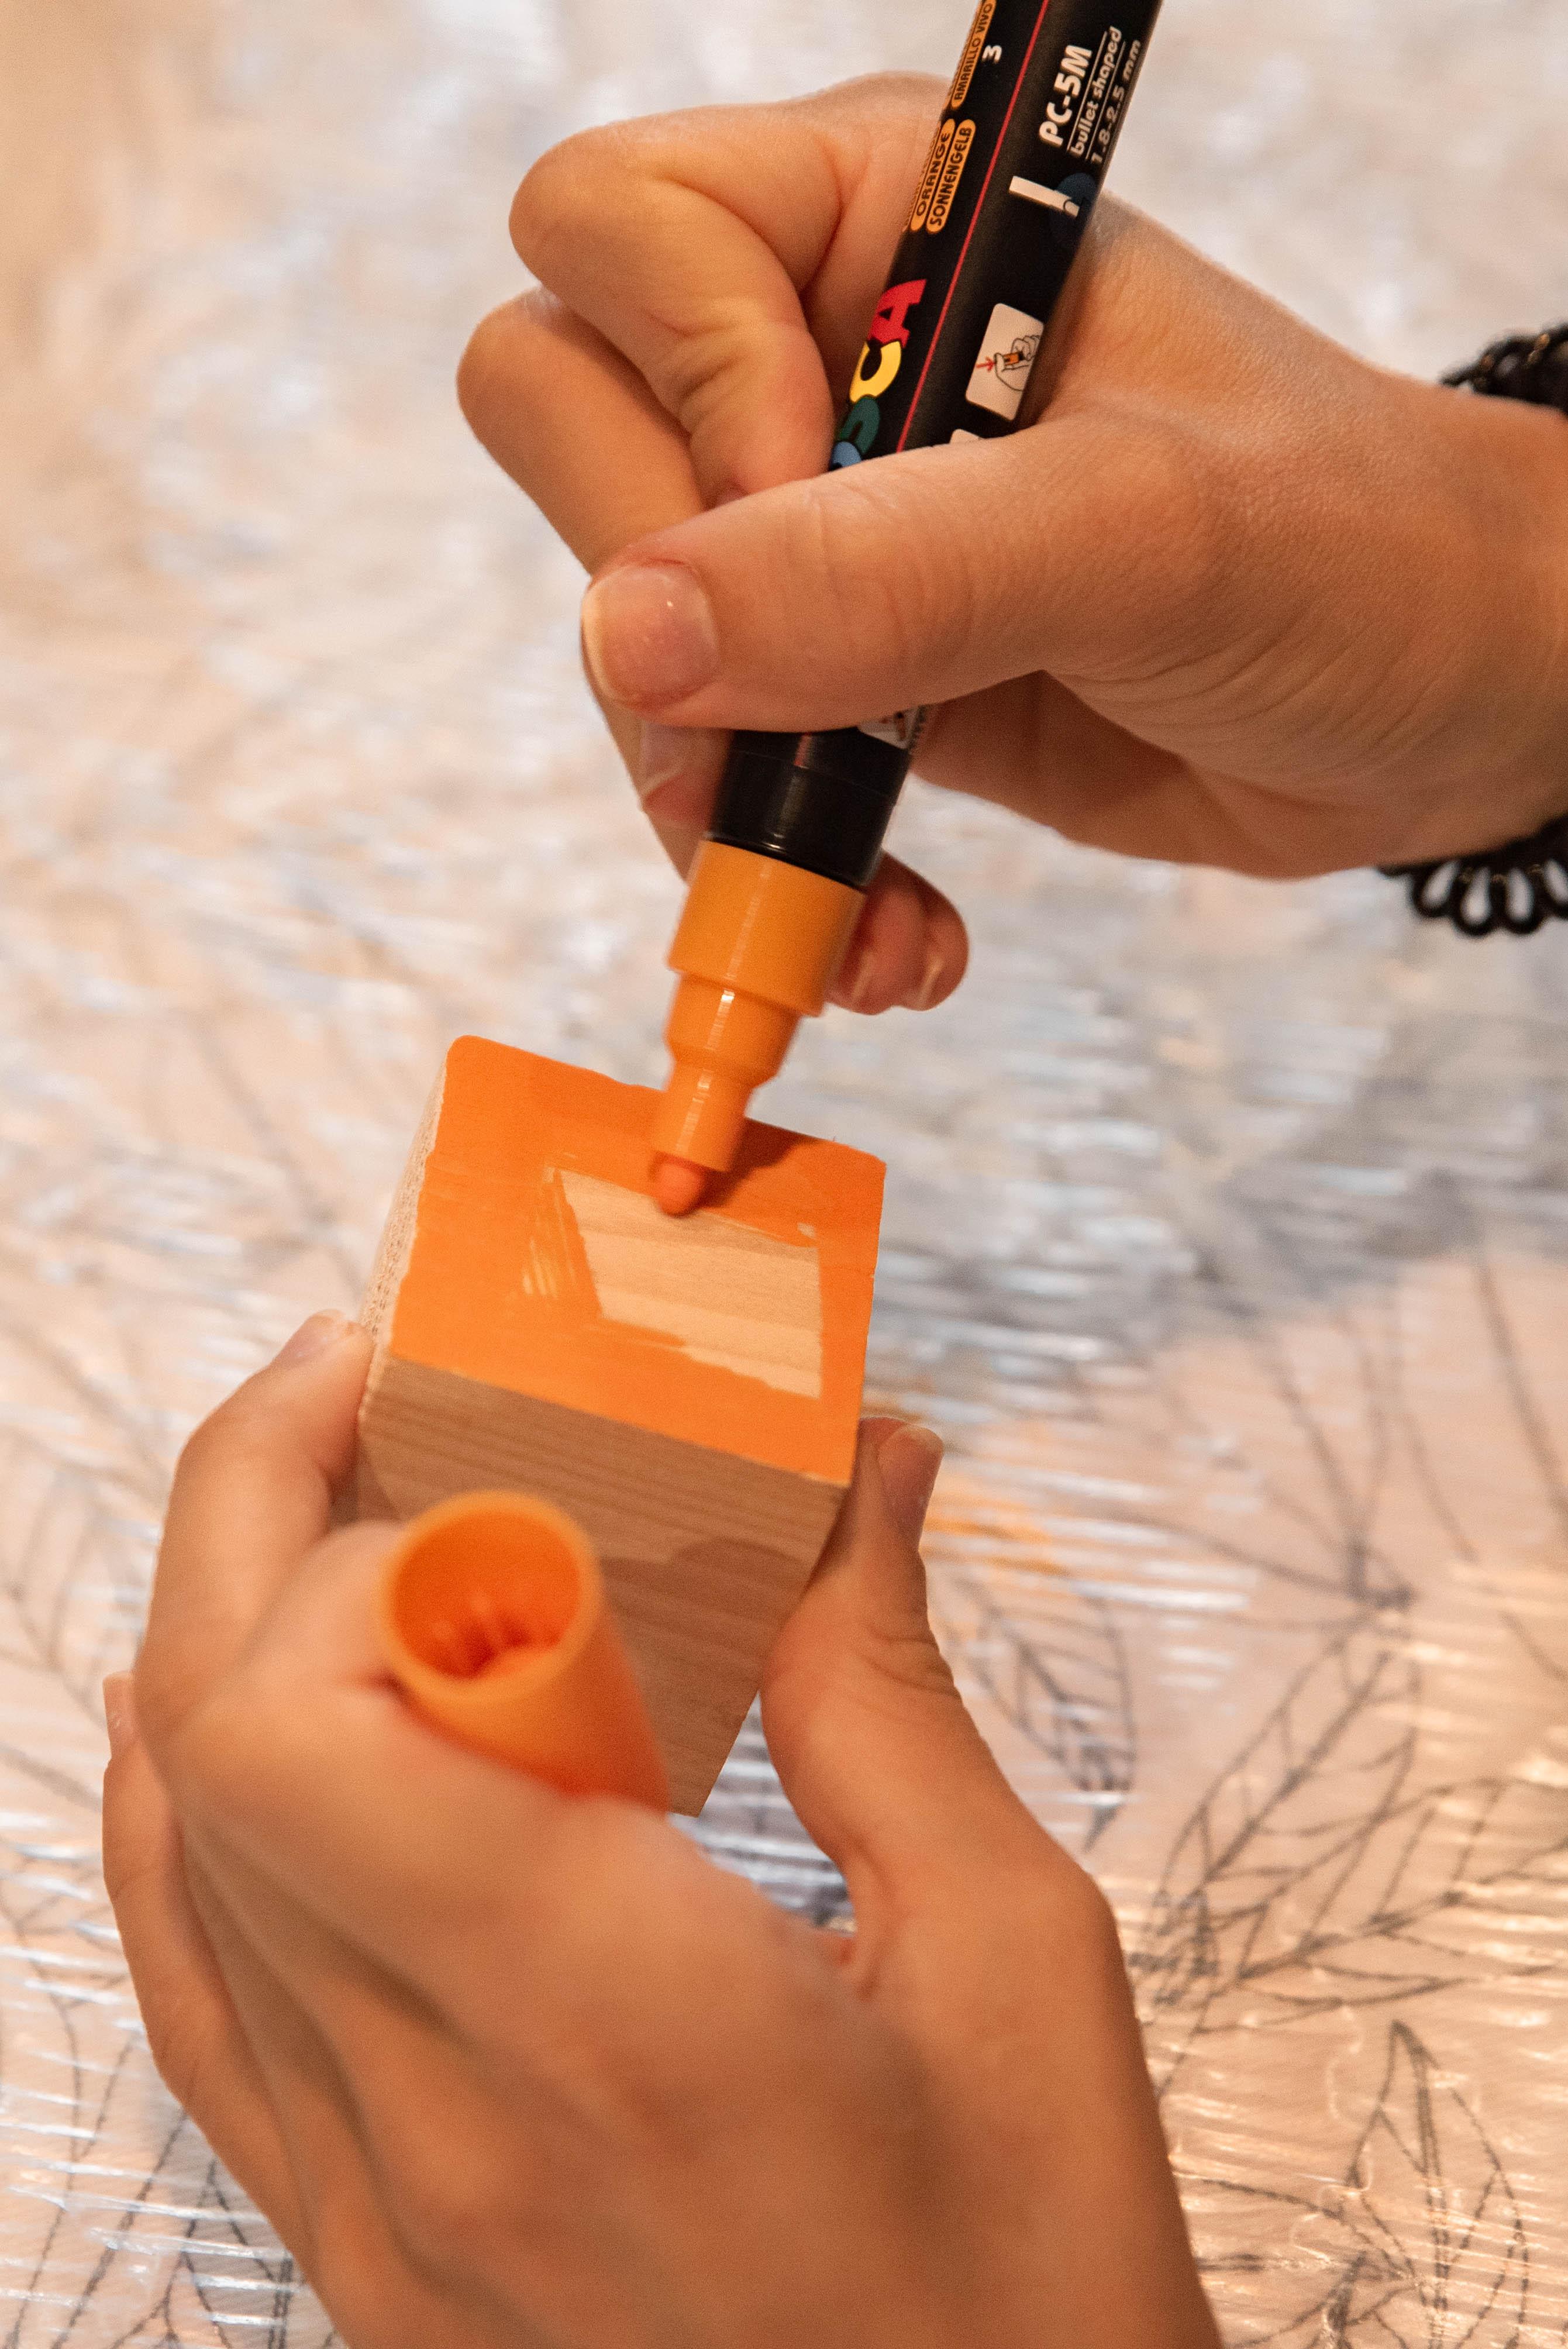 Comment-organiser-une-Baby-Shower-customiser-cubes-bois-mademoiselle-e